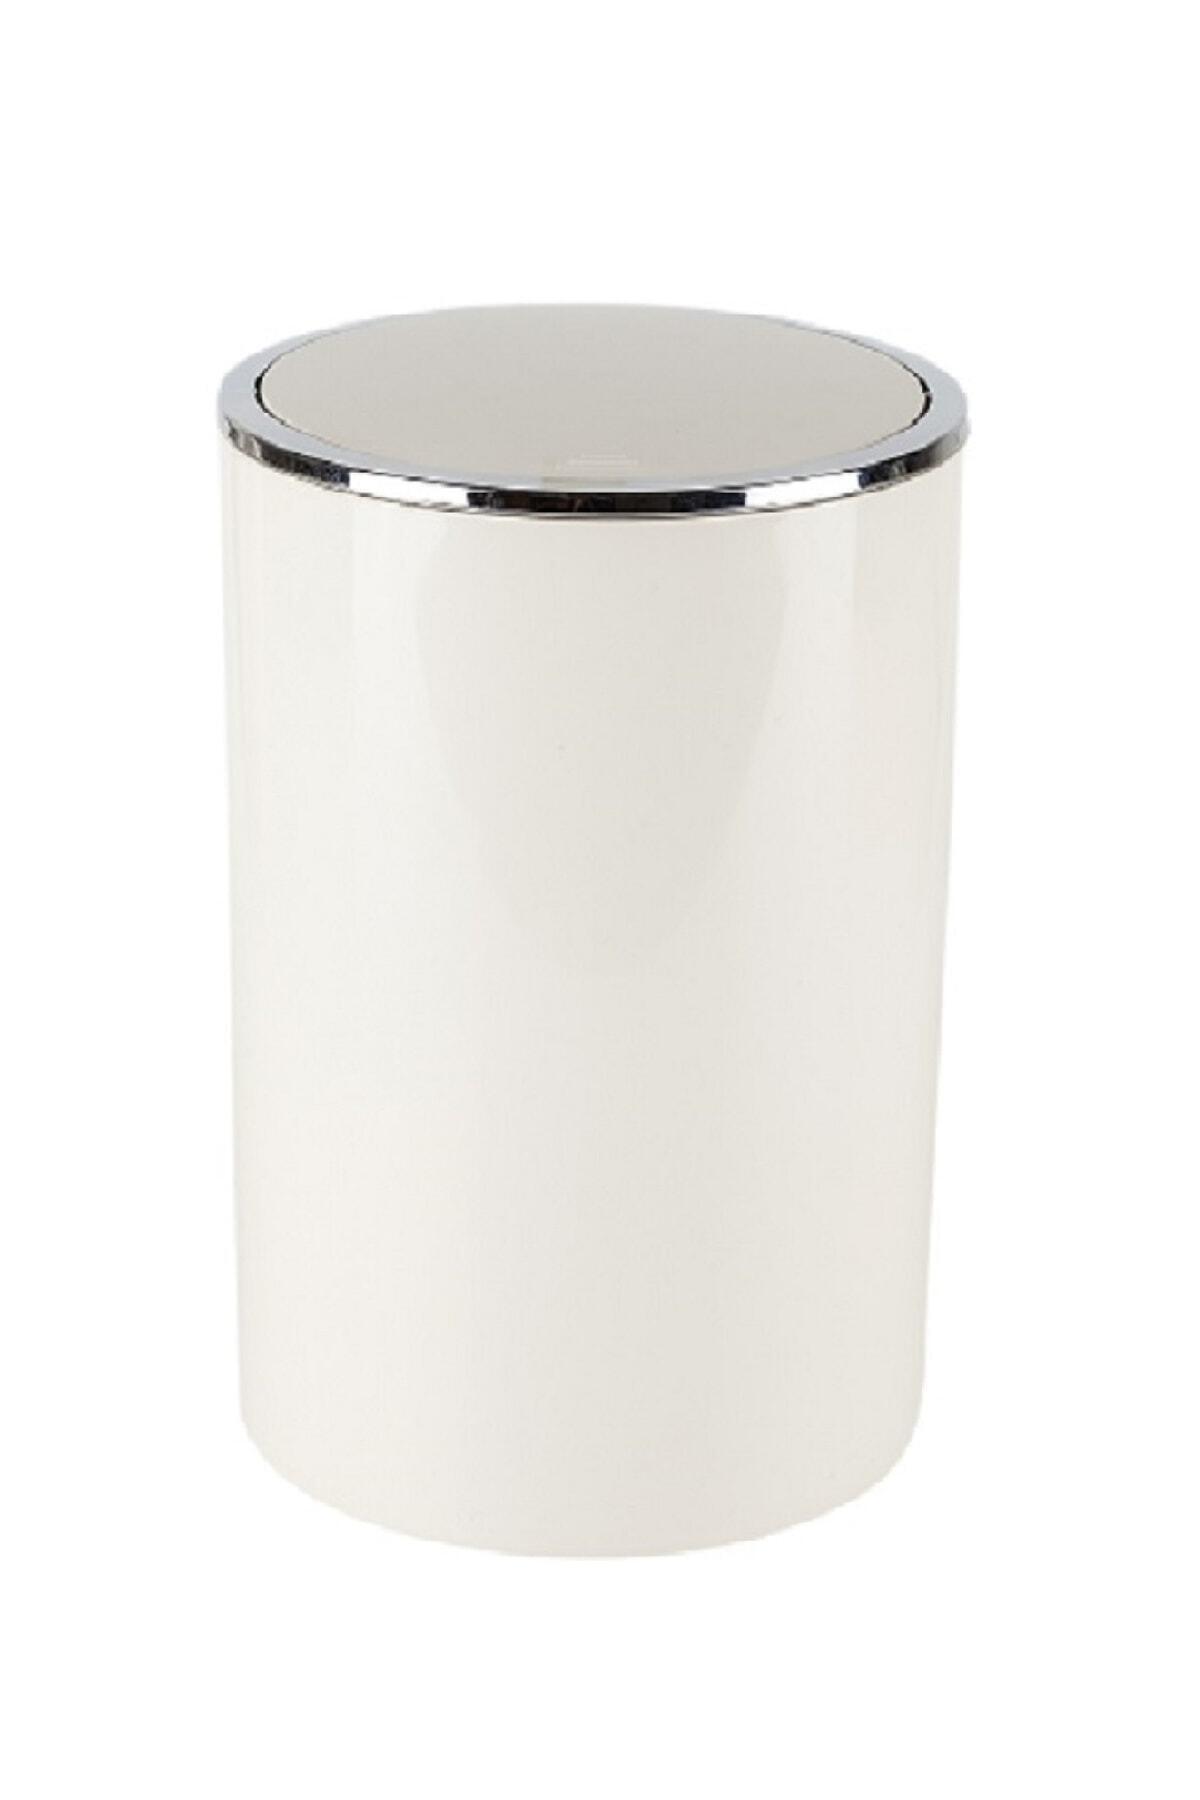 Lenox Çöp Kovası 6 lt Bej (E35)